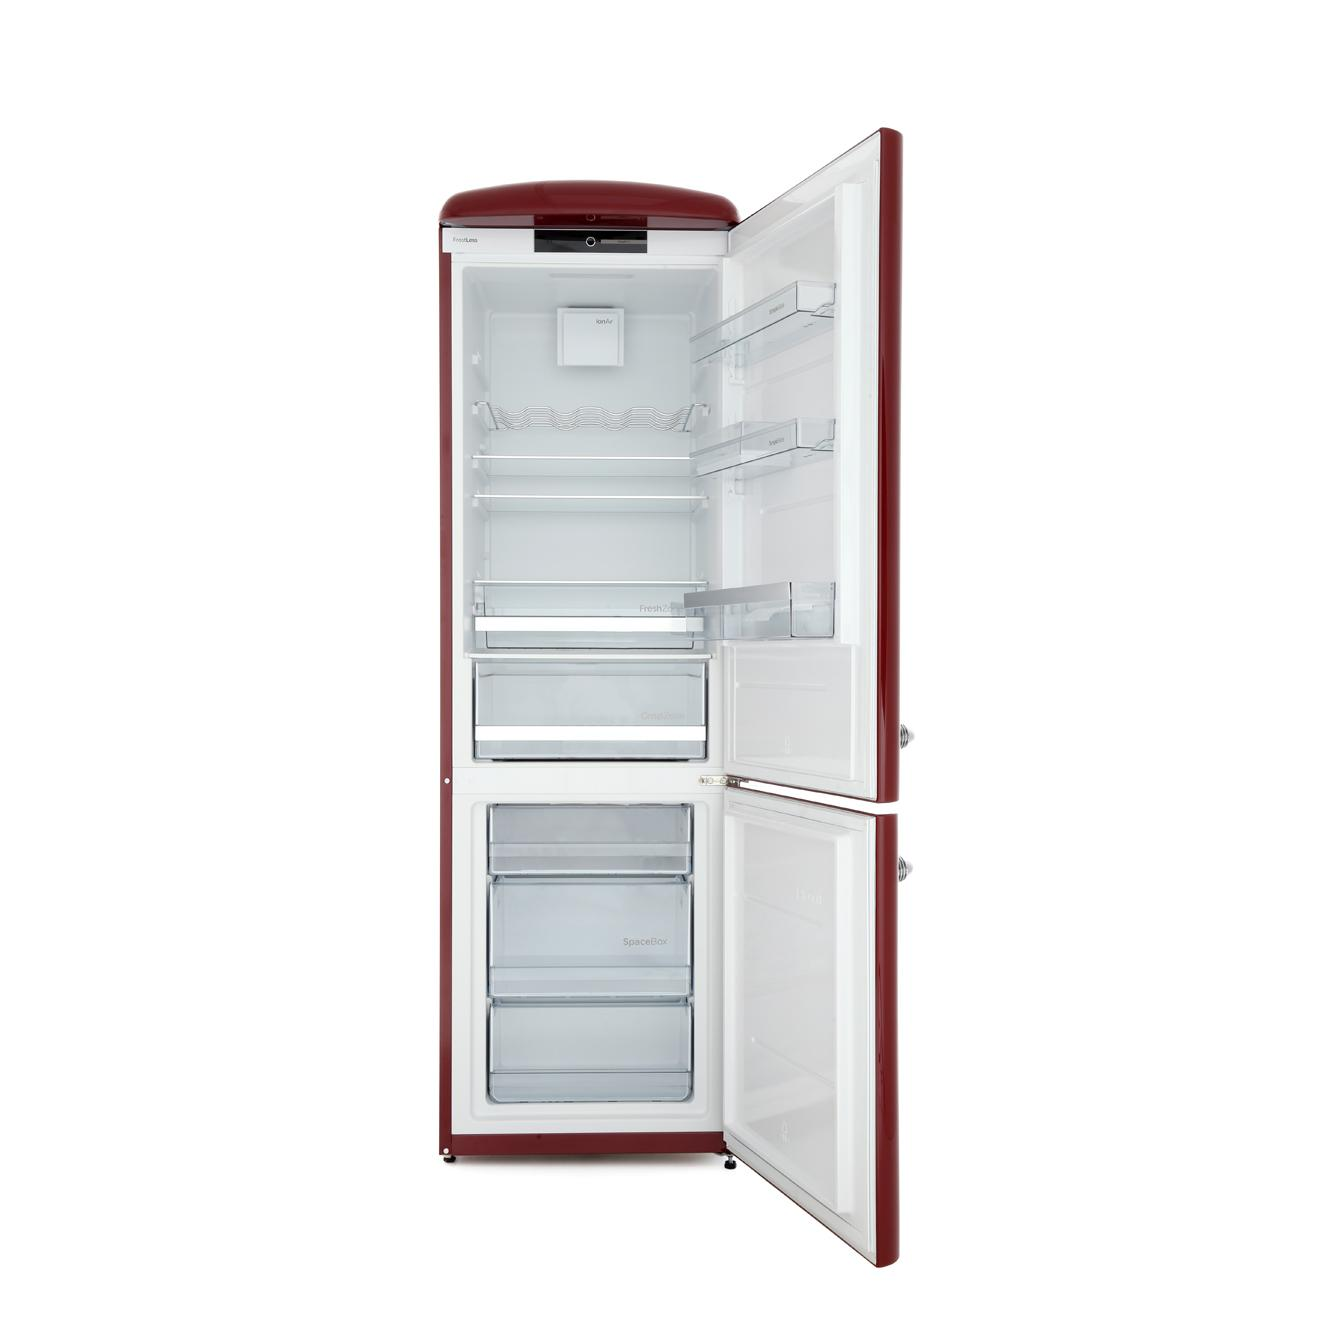 buy gorenje ork193r retro fridge freezer burgundy. Black Bedroom Furniture Sets. Home Design Ideas